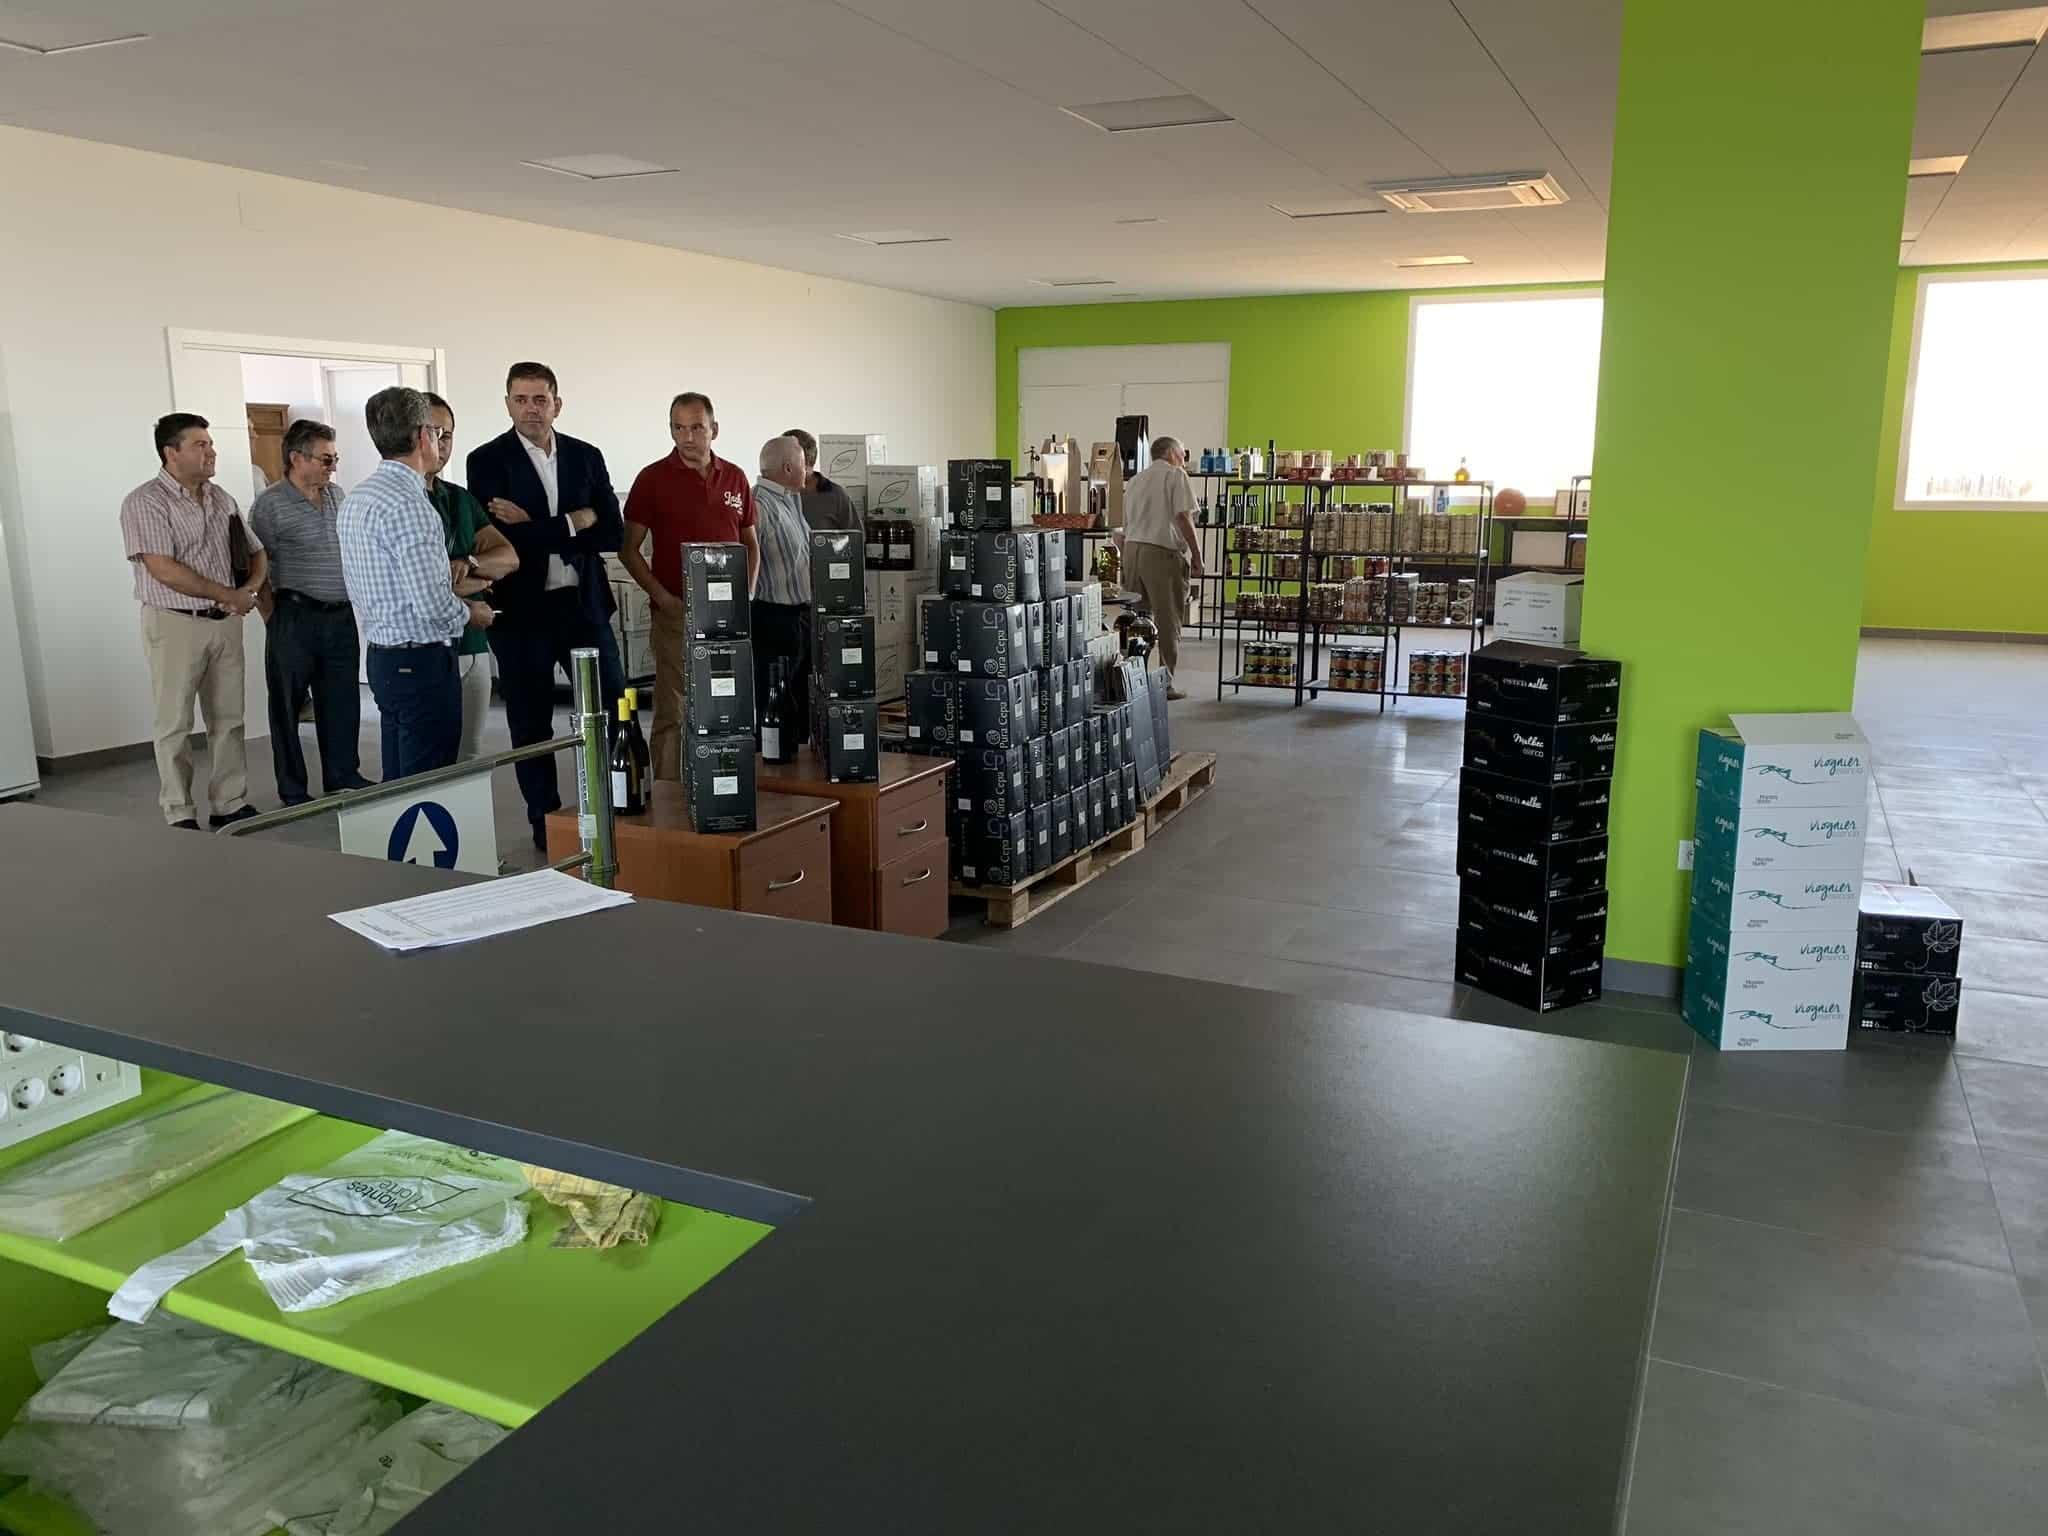 visita almazarera la encarnacion herencia 3 - Nuevas instalaciones de la Cooperativa Almazarera La Encarnación en Herencia